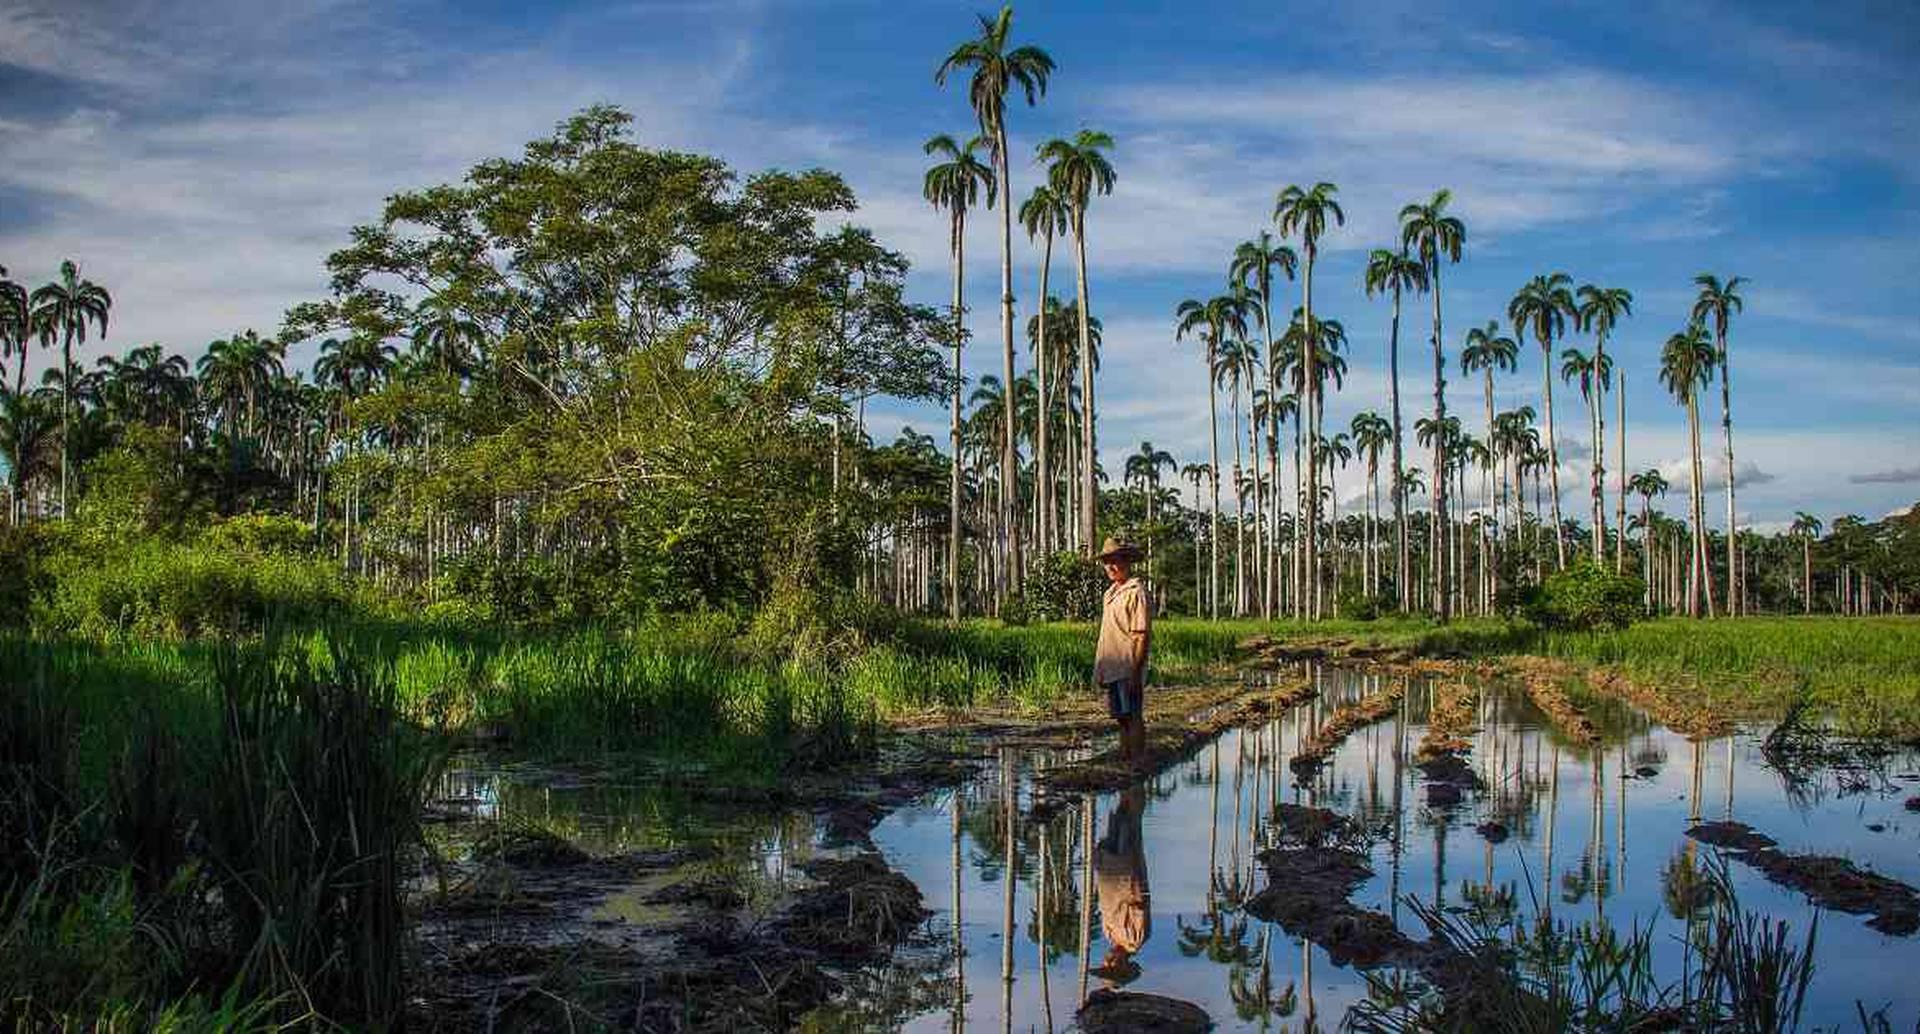 La deforestación es uno de los motores de pérdida de la diversidad biológica en Colombia. Foto: José Iván Cano/ Instituto Humboldt